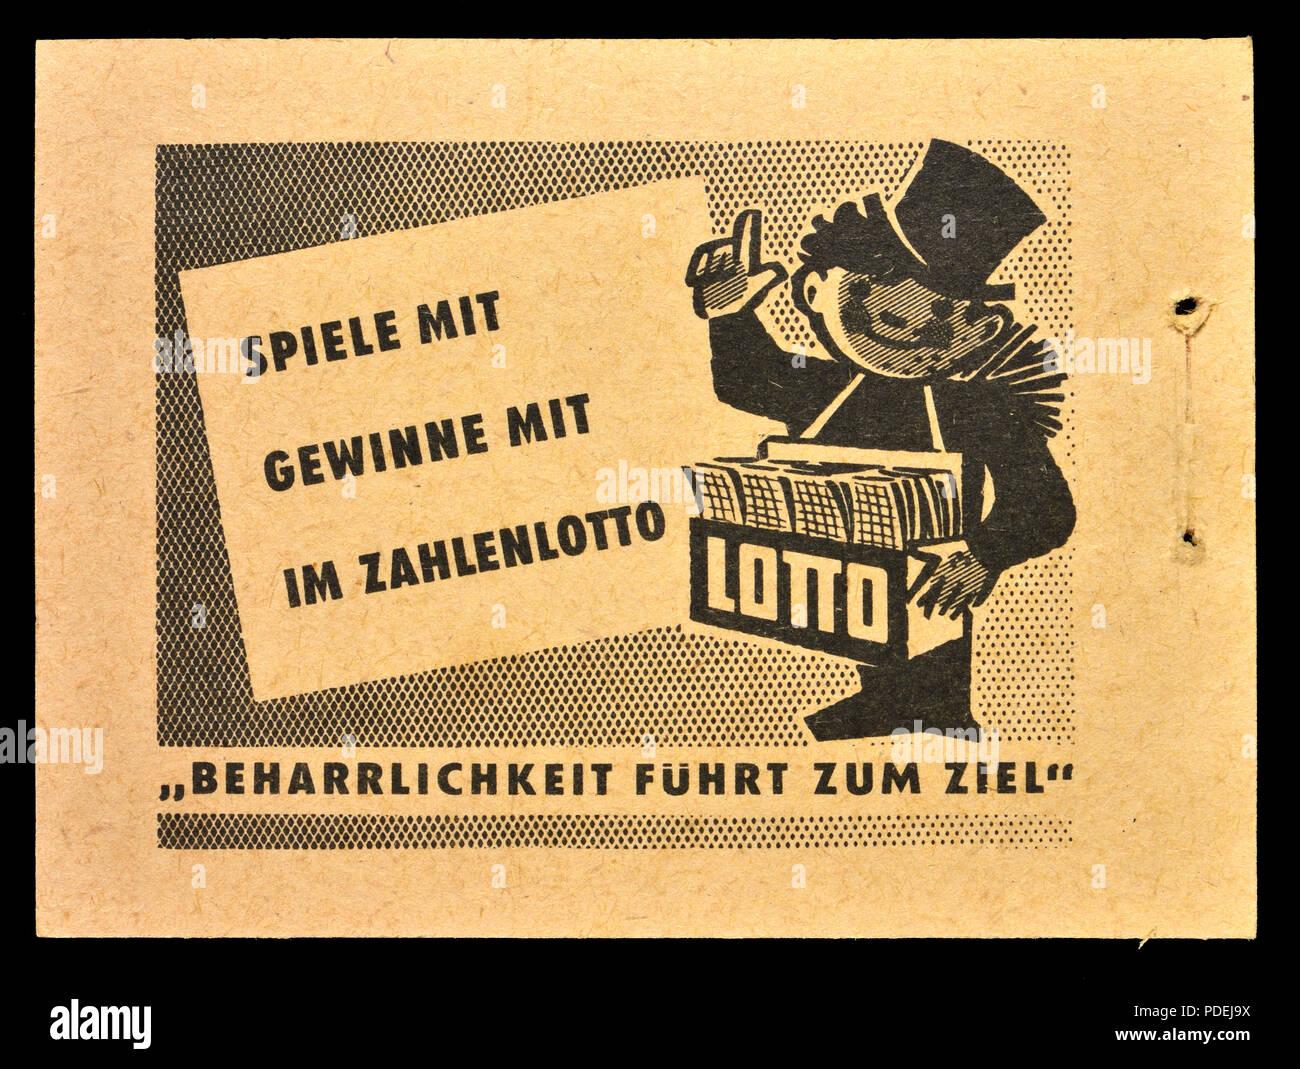 Annuncio tedesco da anni cinquanta tedesco orientale bollo libro: Lotto Immagini Stock